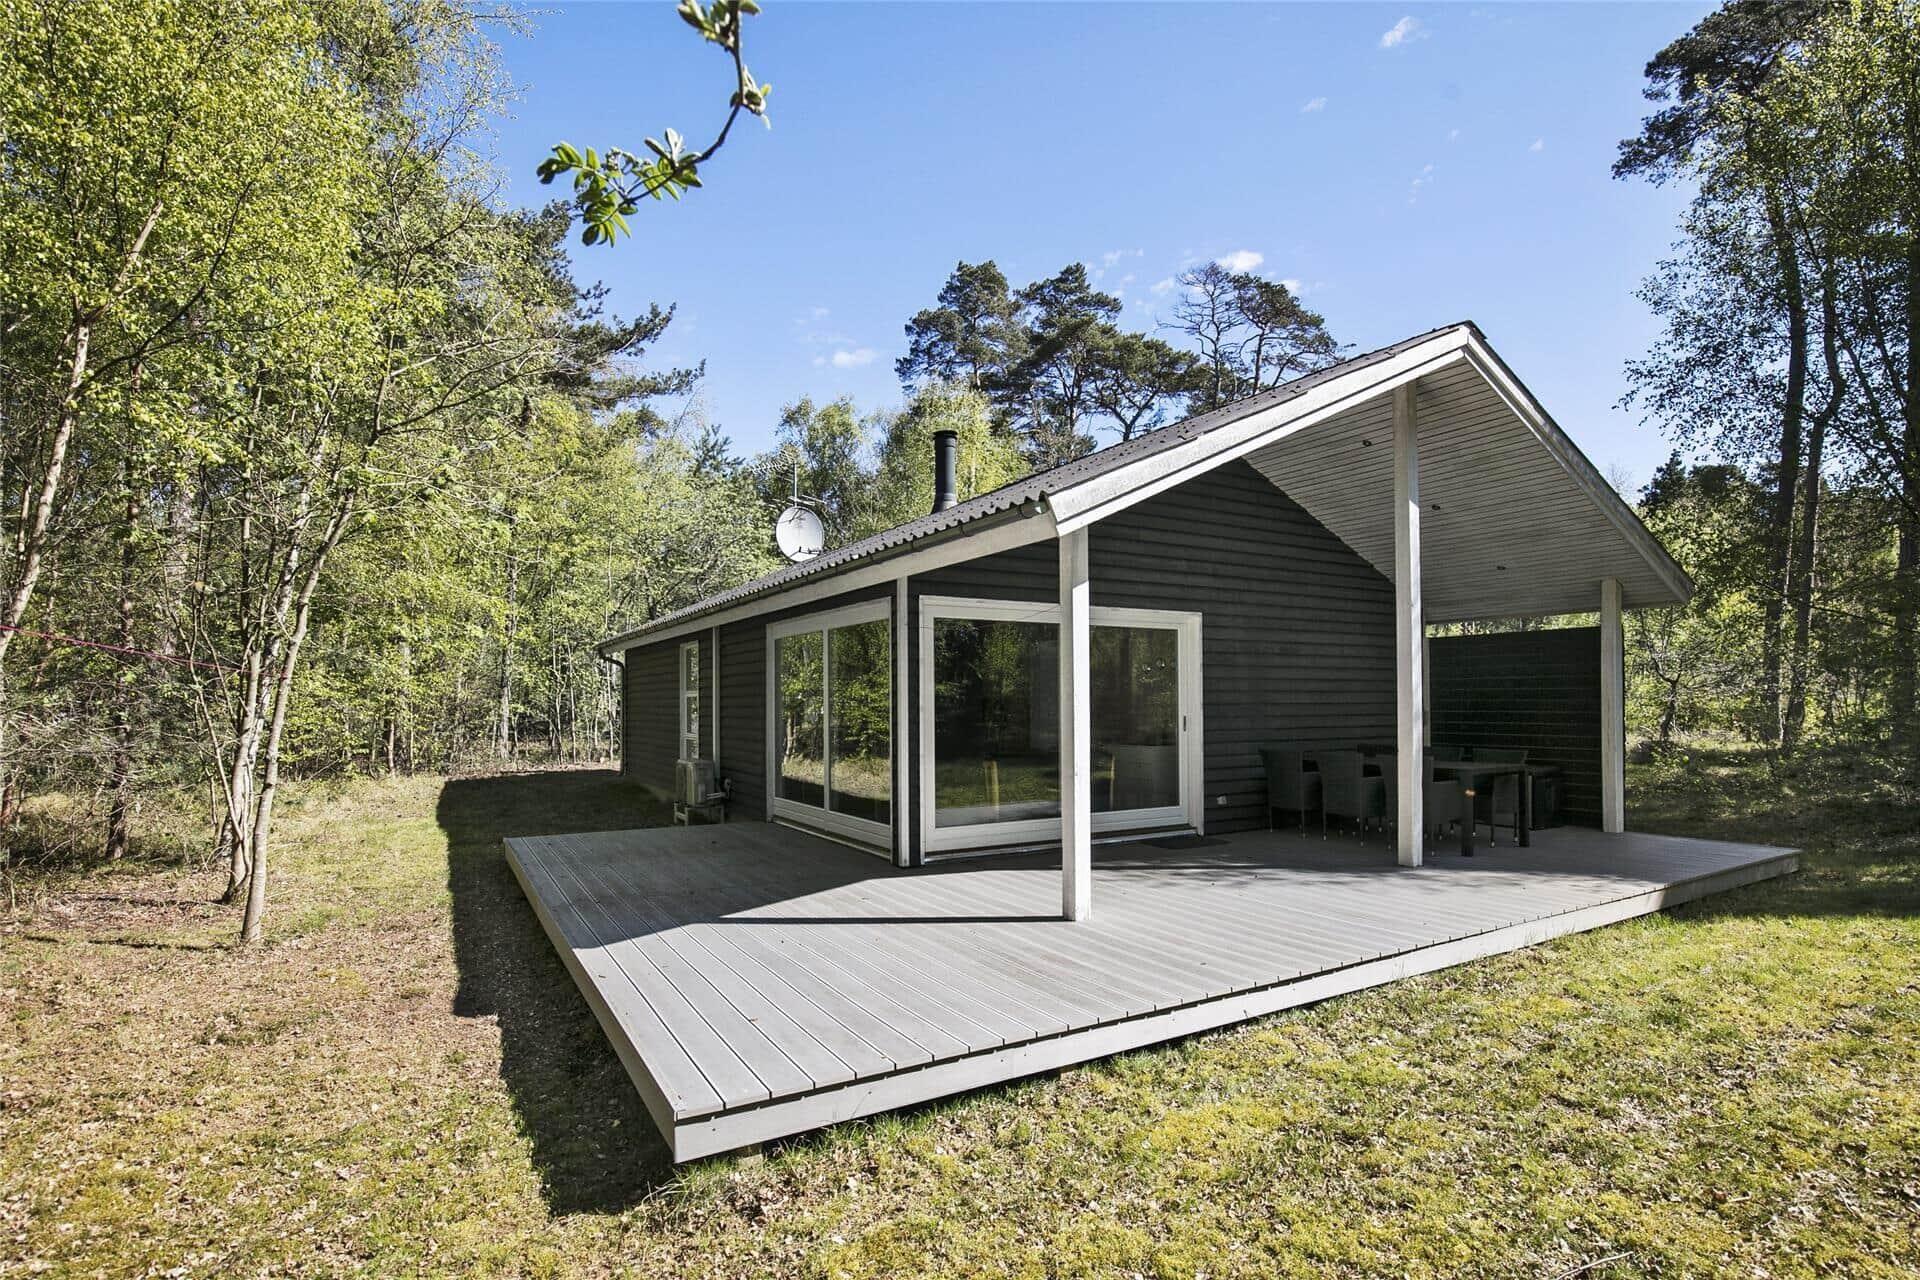 Image 1-10 Holiday-home 2601, Jægerstien 12, DK - 3730 Nexø